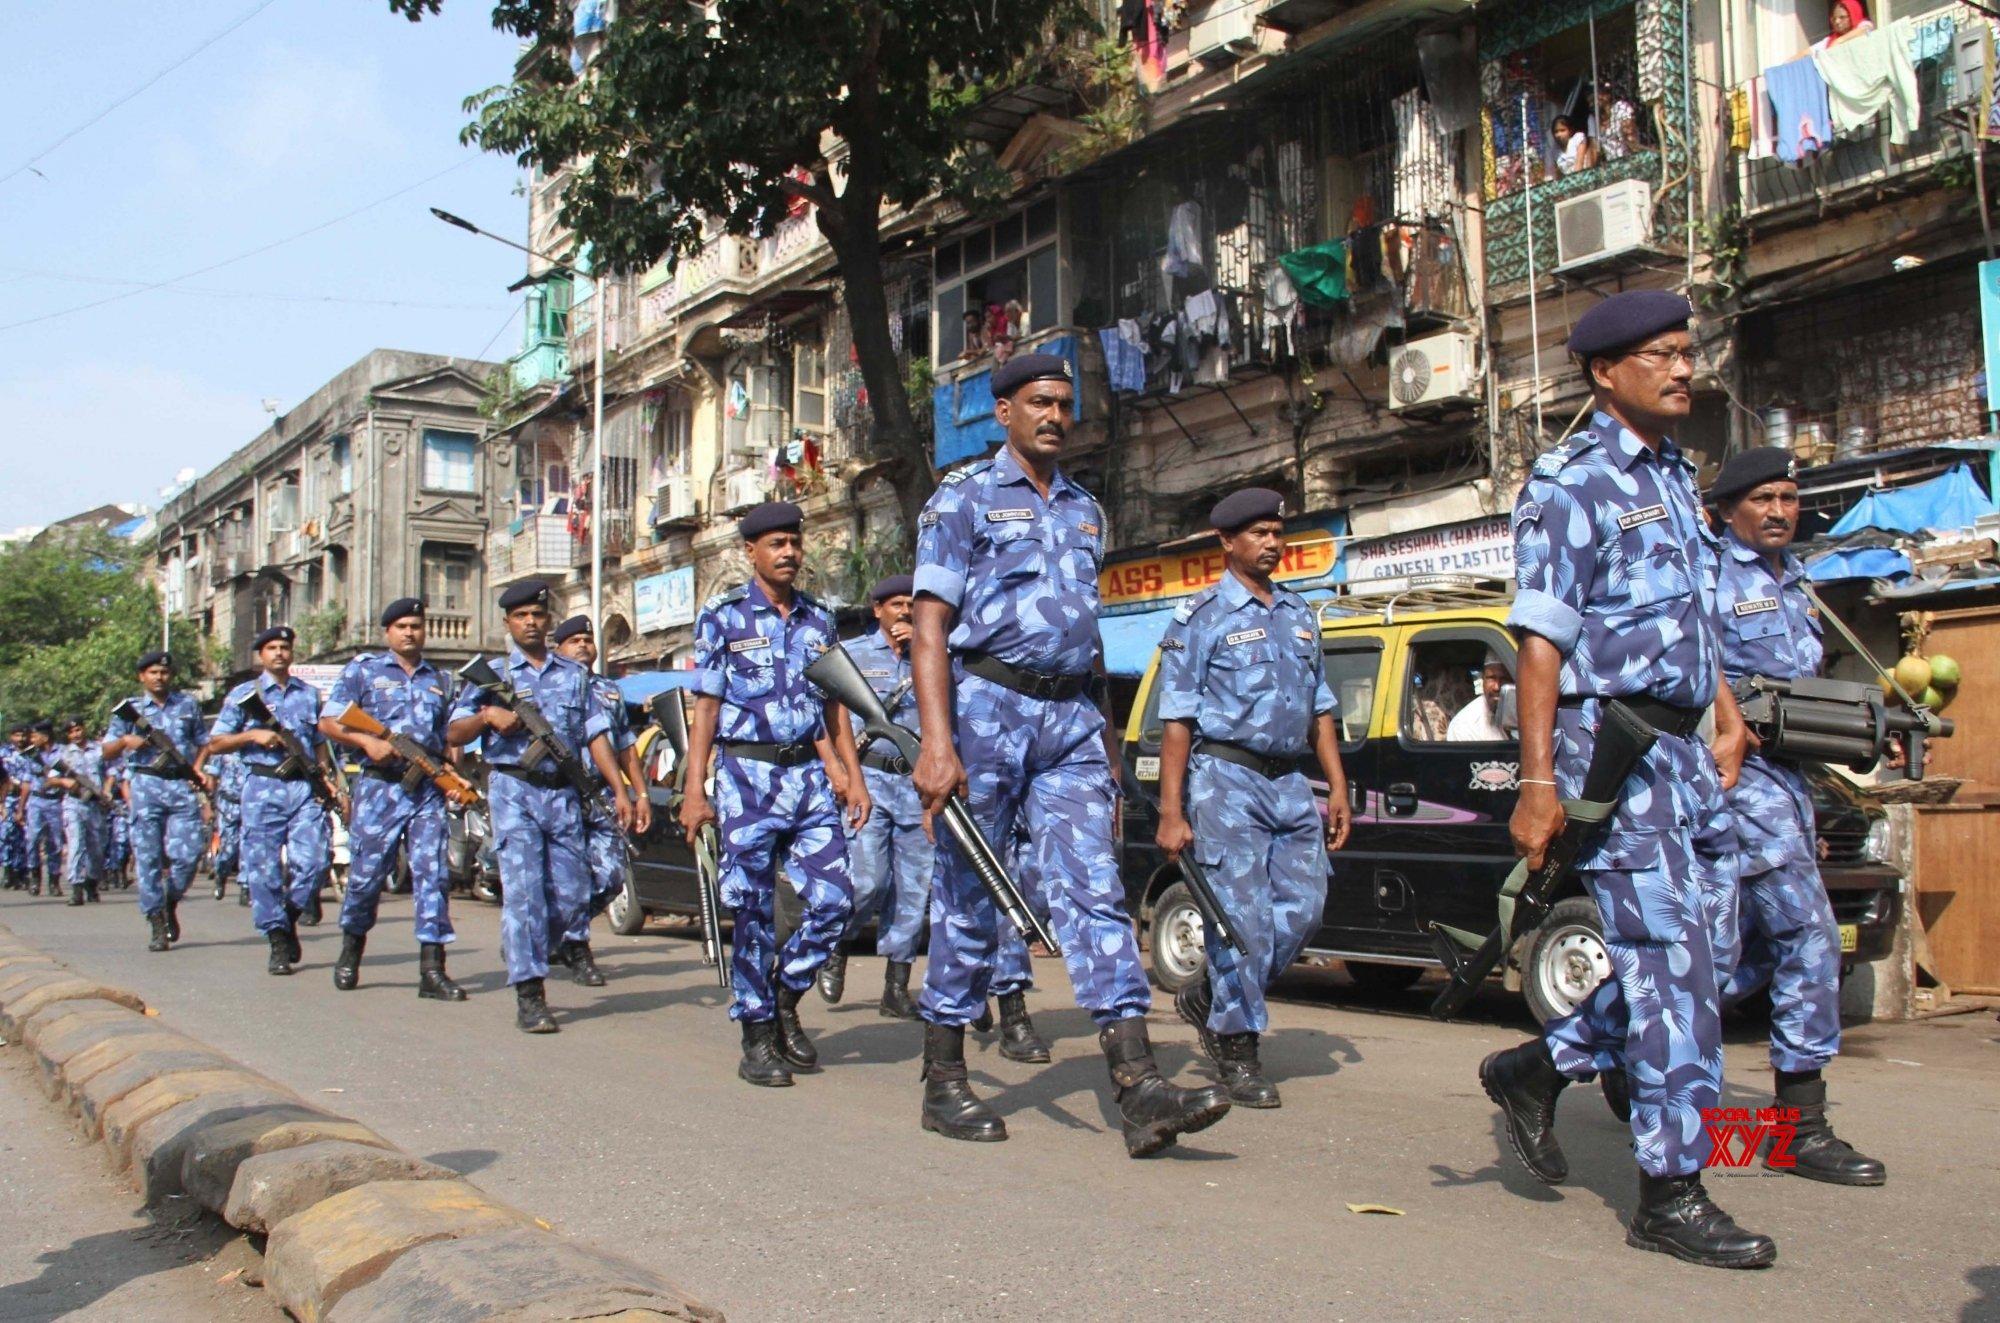 Mumbai: Ayodhya verdict : Prohibitory orders clamped in Mumbai #Gallery